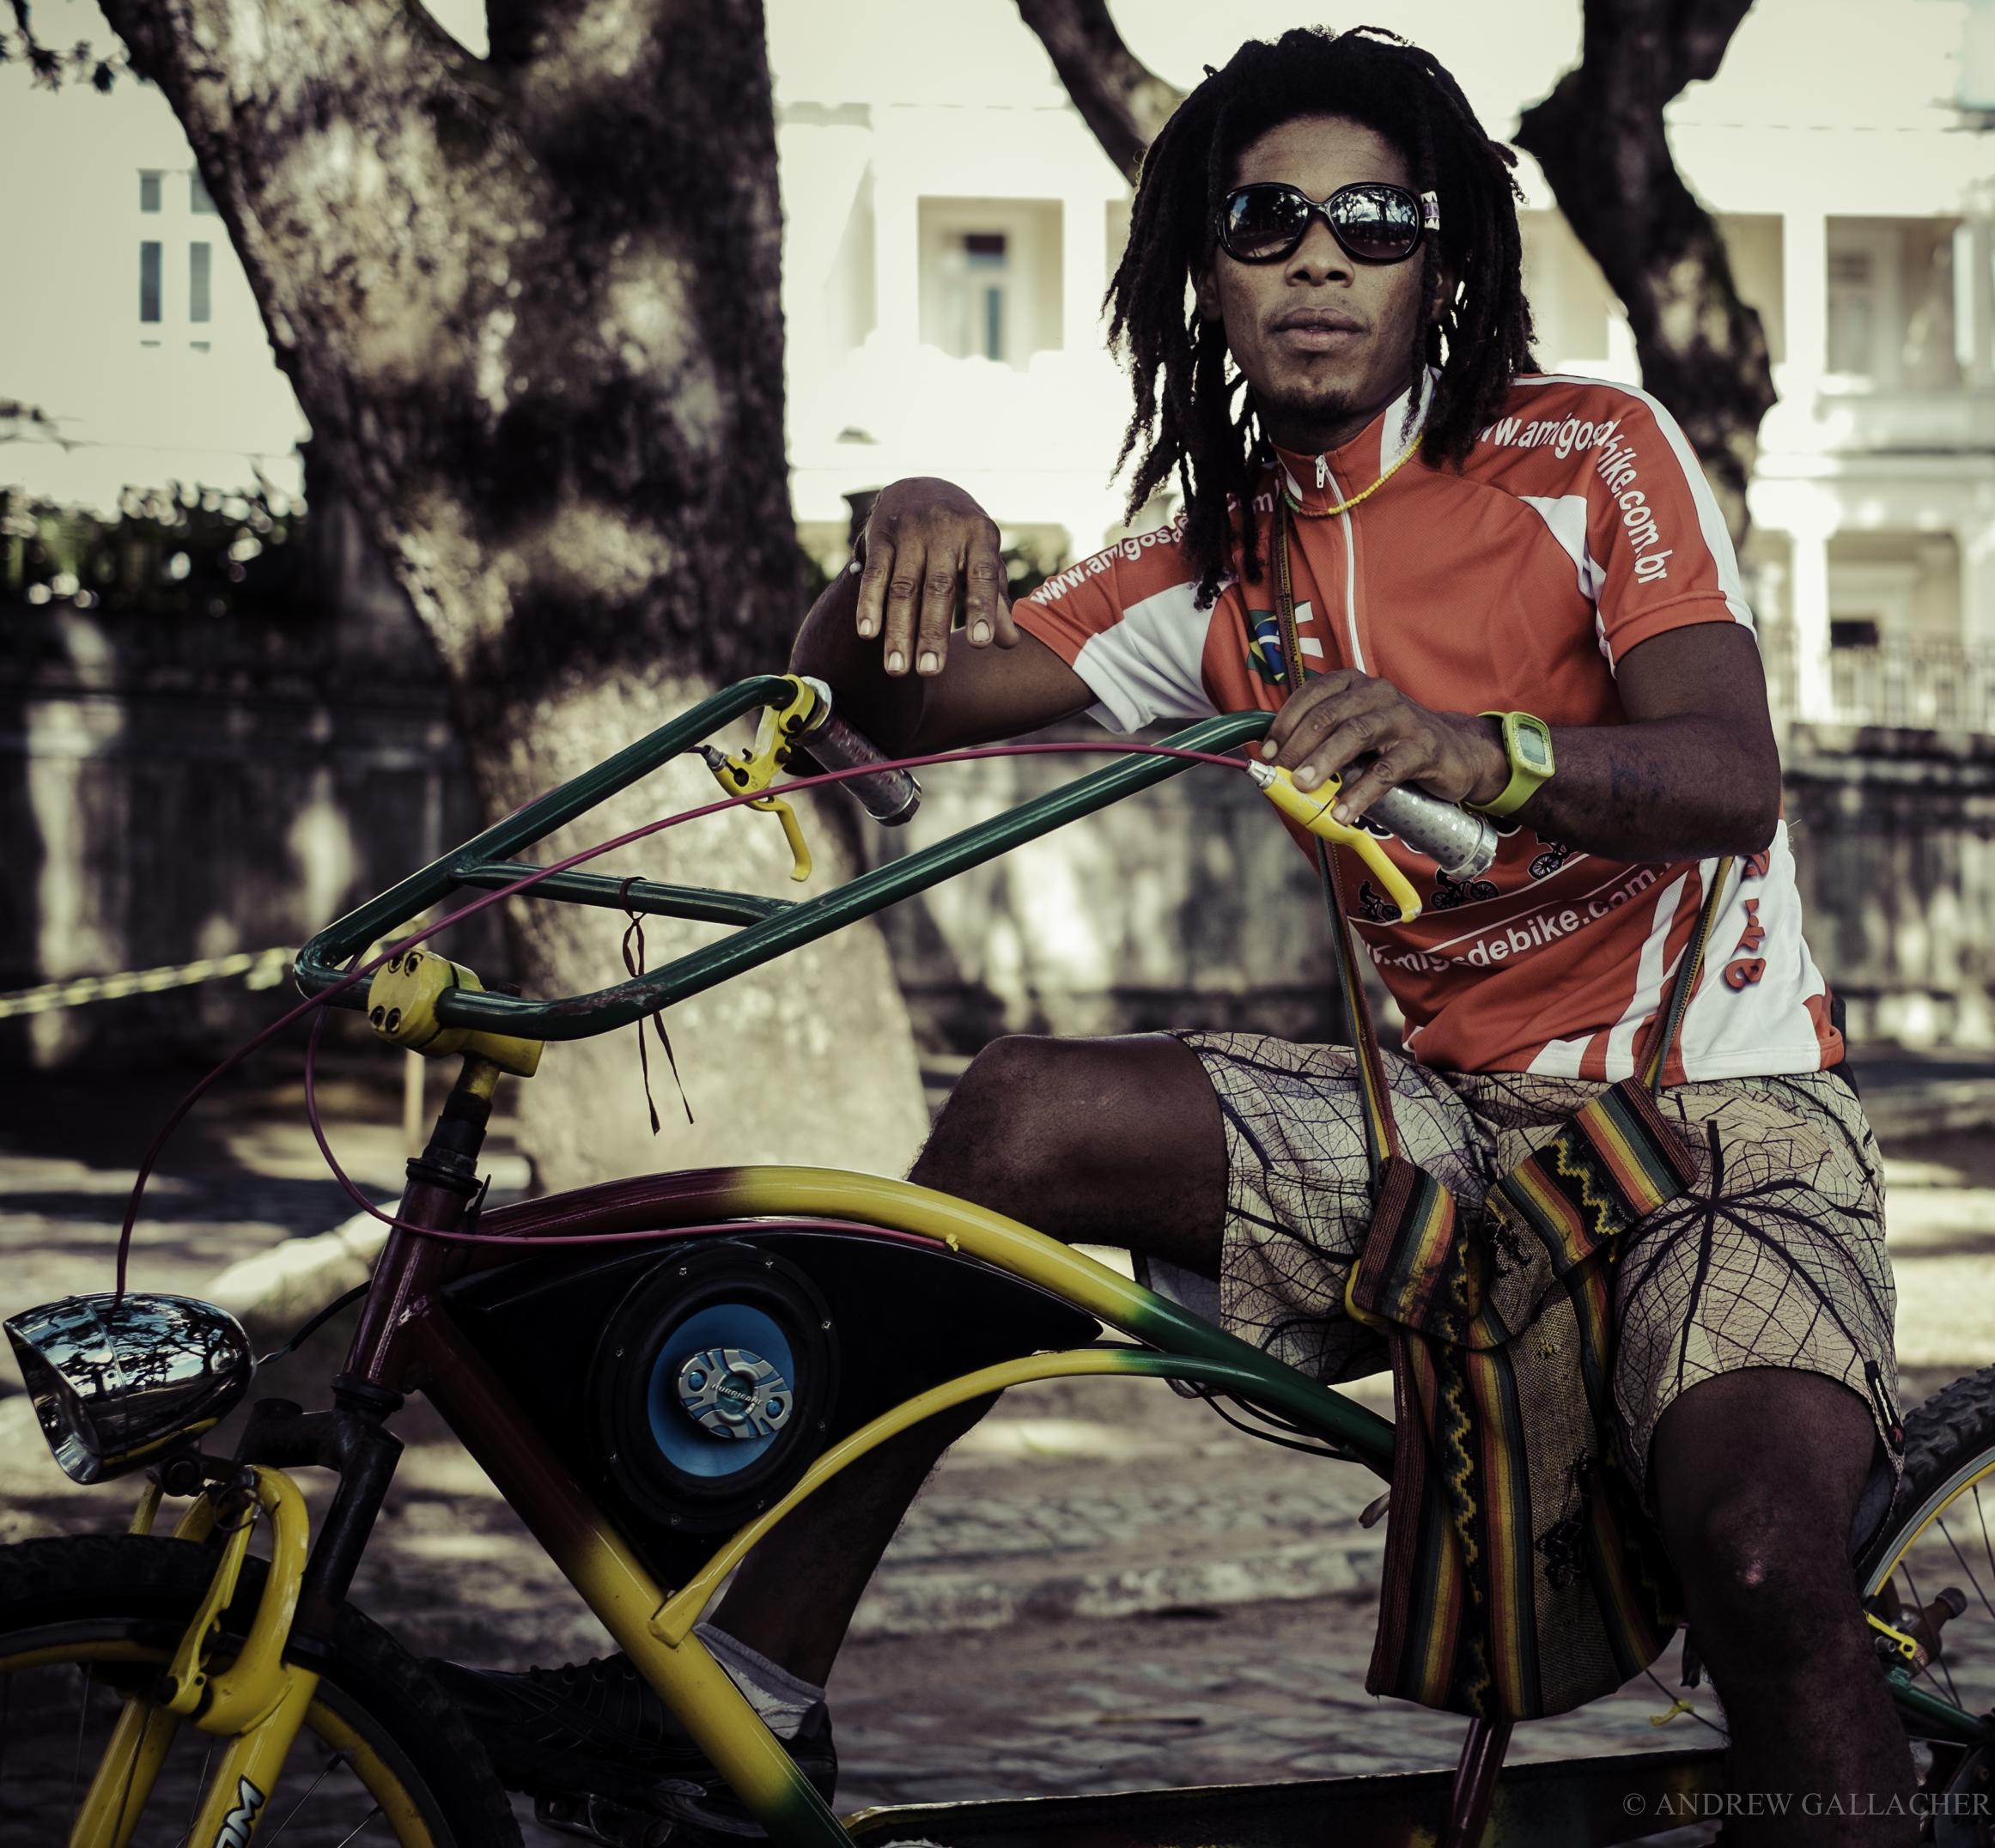 Brazilian biker